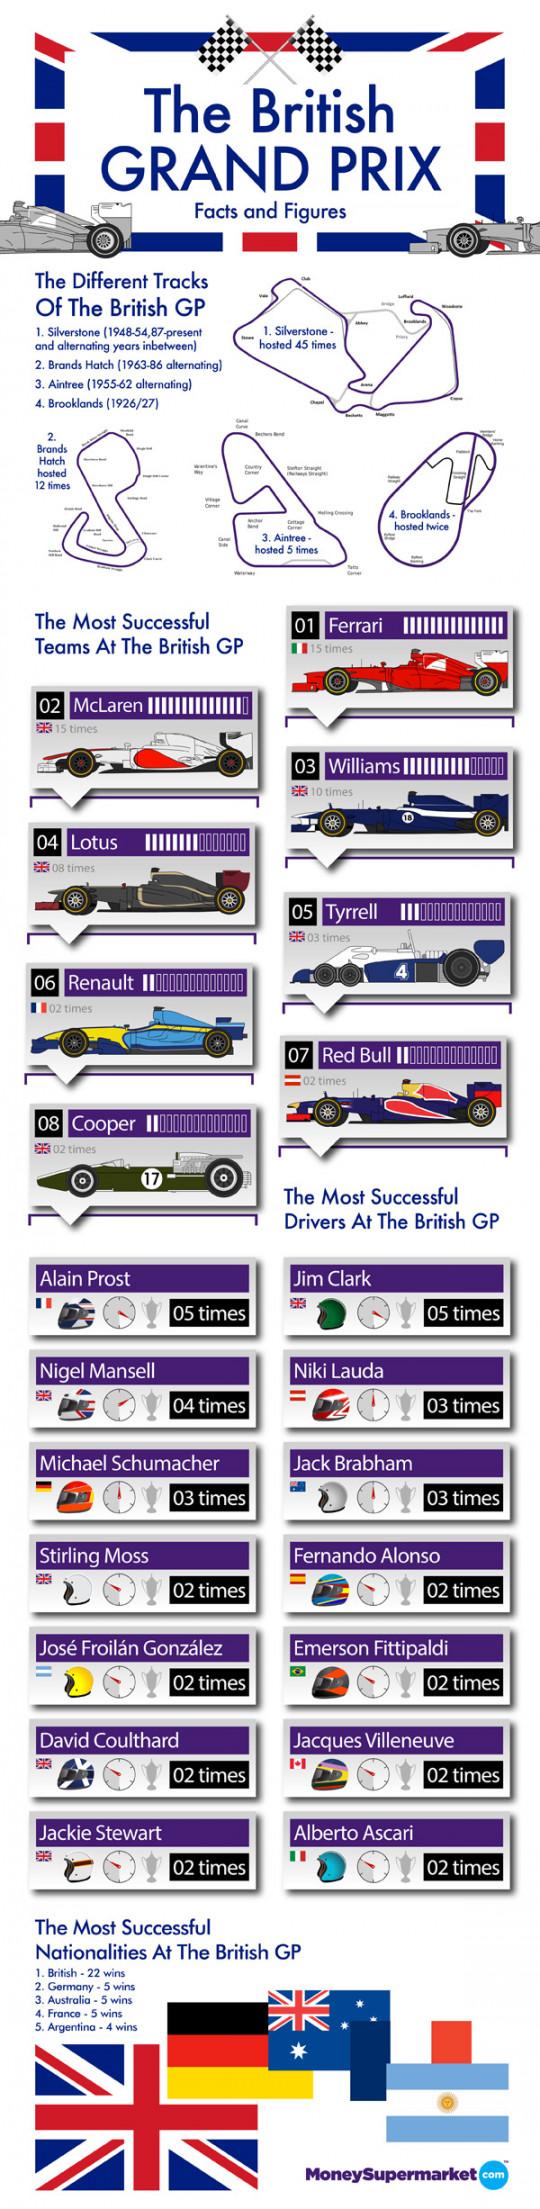 The British Grand Prix: Facts